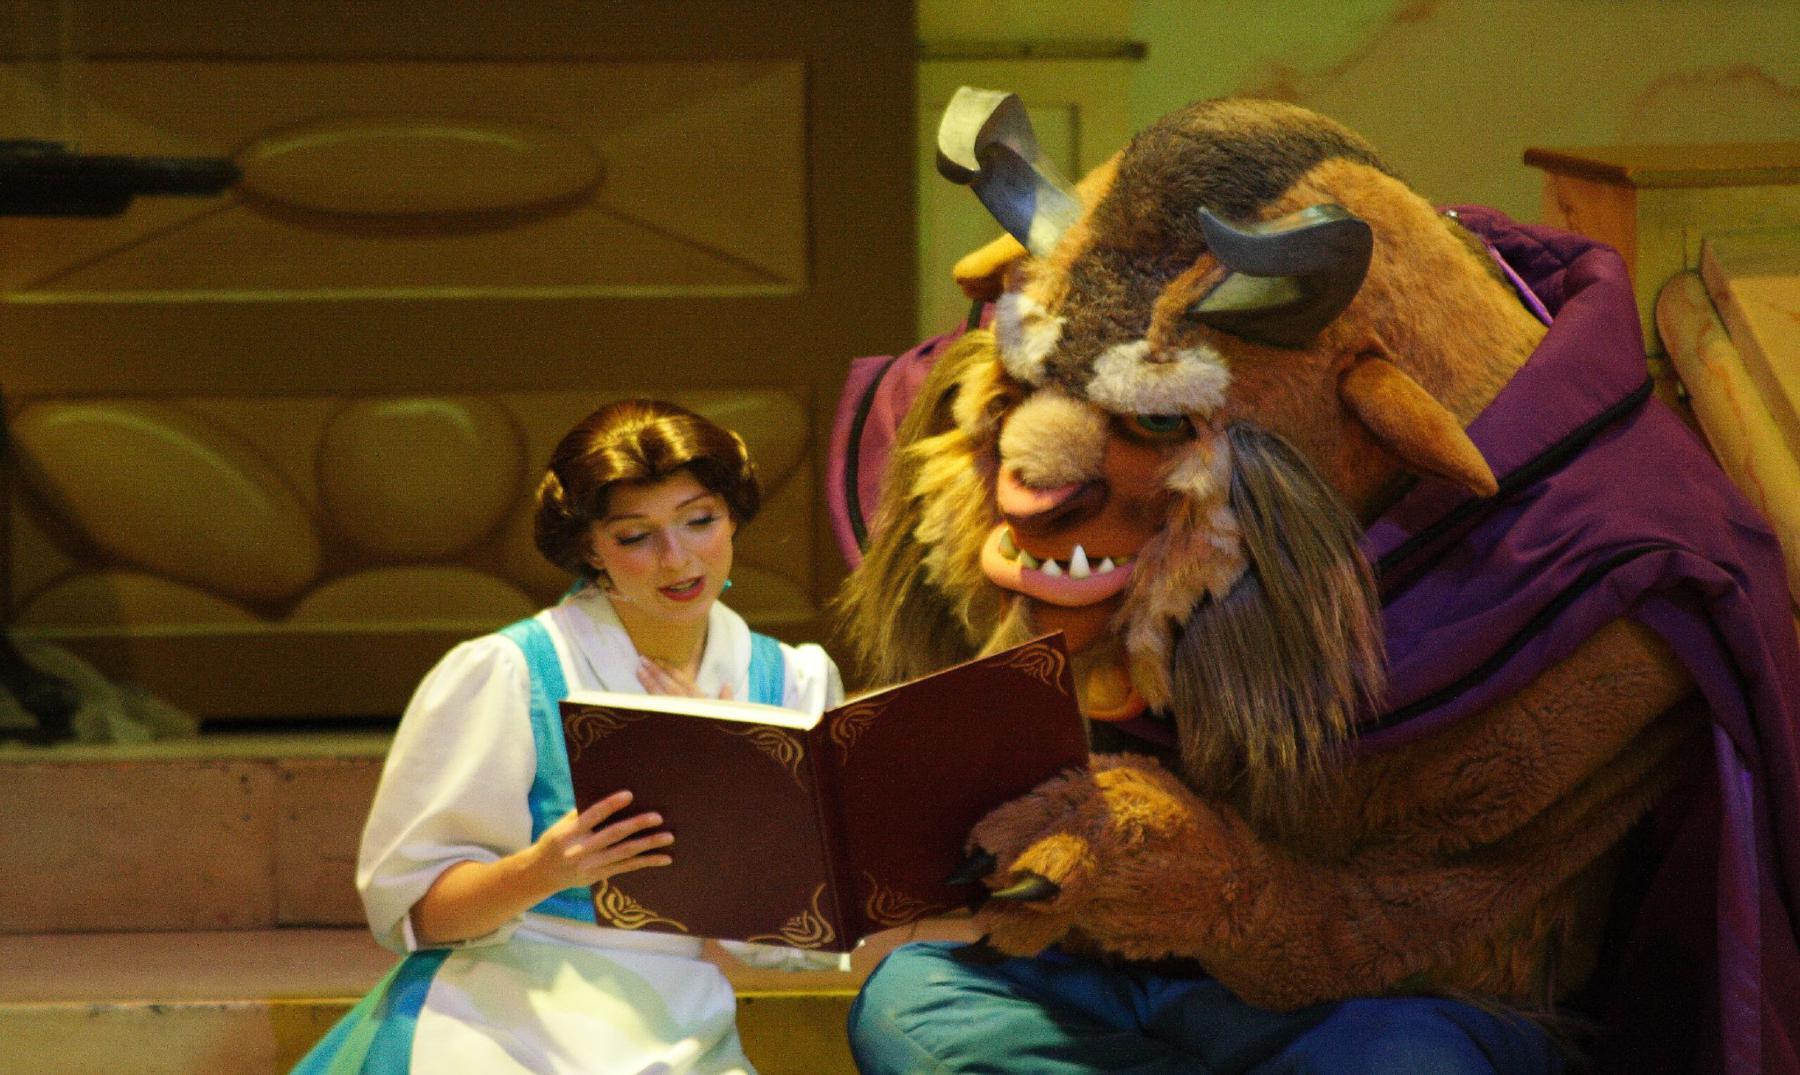 La verdadera historia de la Bella y la Bestia